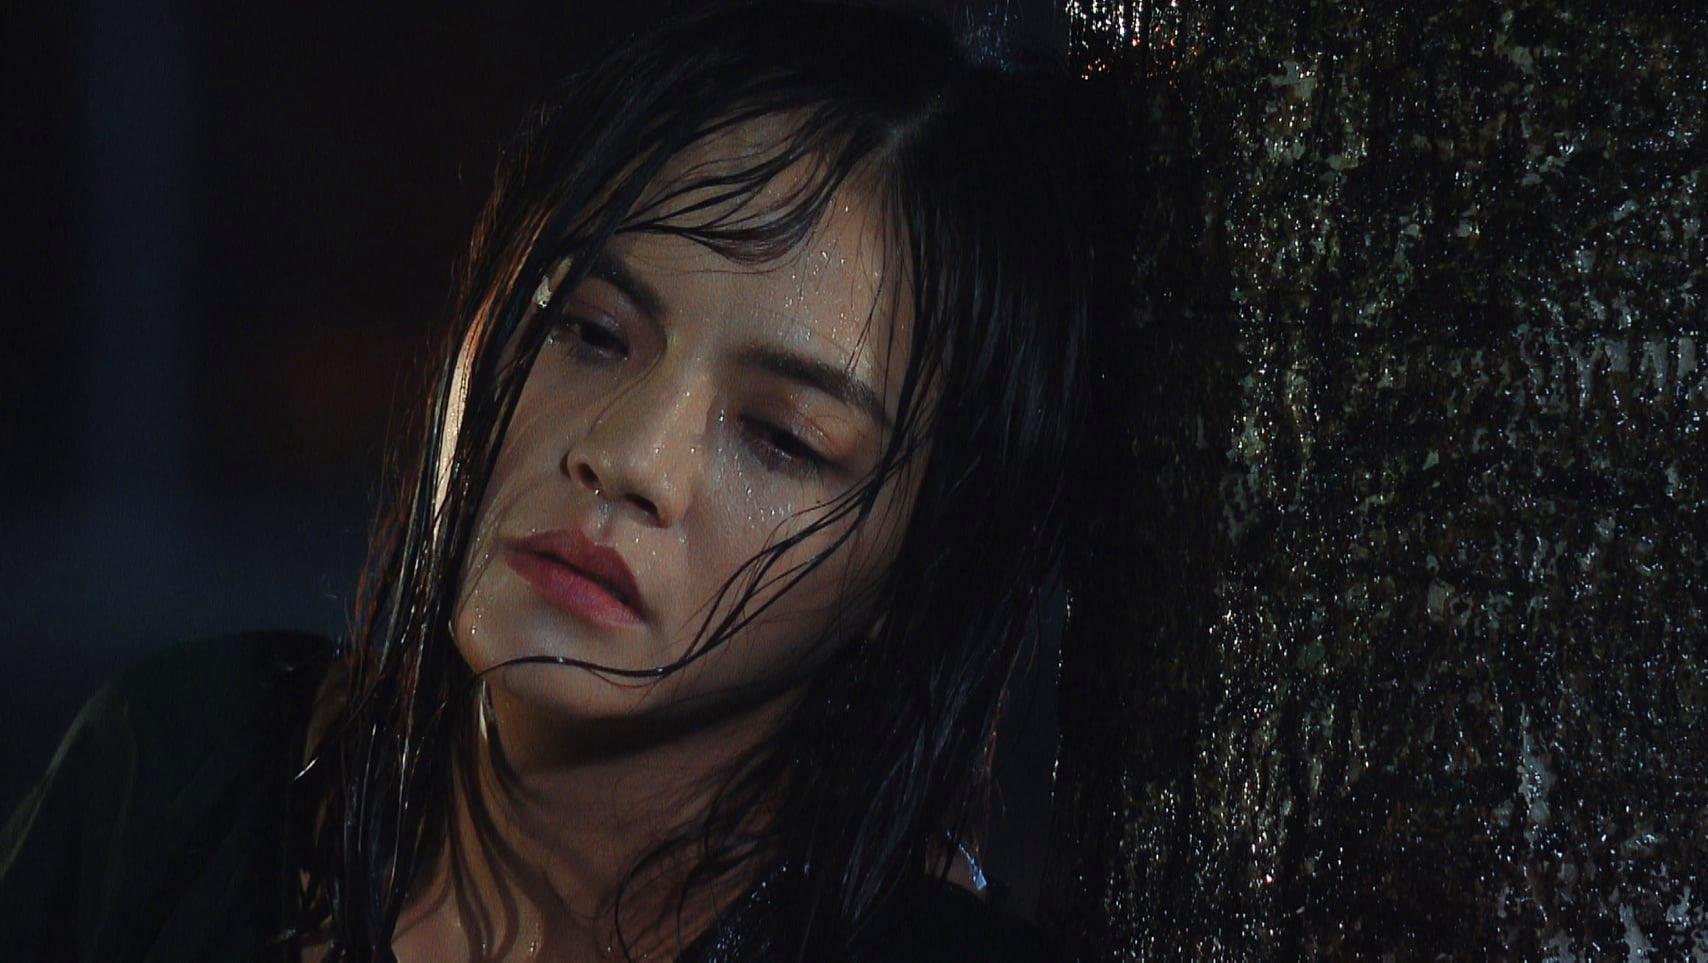 'Hương vị tình thân' preview tập 39 (p2): Thy dầm mưa vì buồn chuyện Huy và 'trà xanh', phải nhập viện trong đêm rồi lộ chuyện có bầu? 2